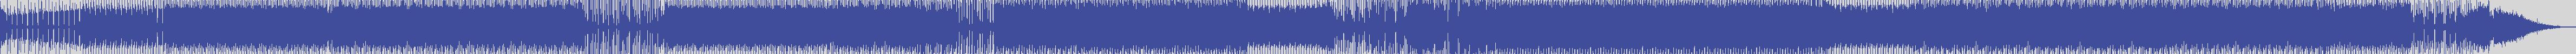 just_digital_records [JS1191] Marco Furnari - I Can't Go Back [Original Mix] audio wave form